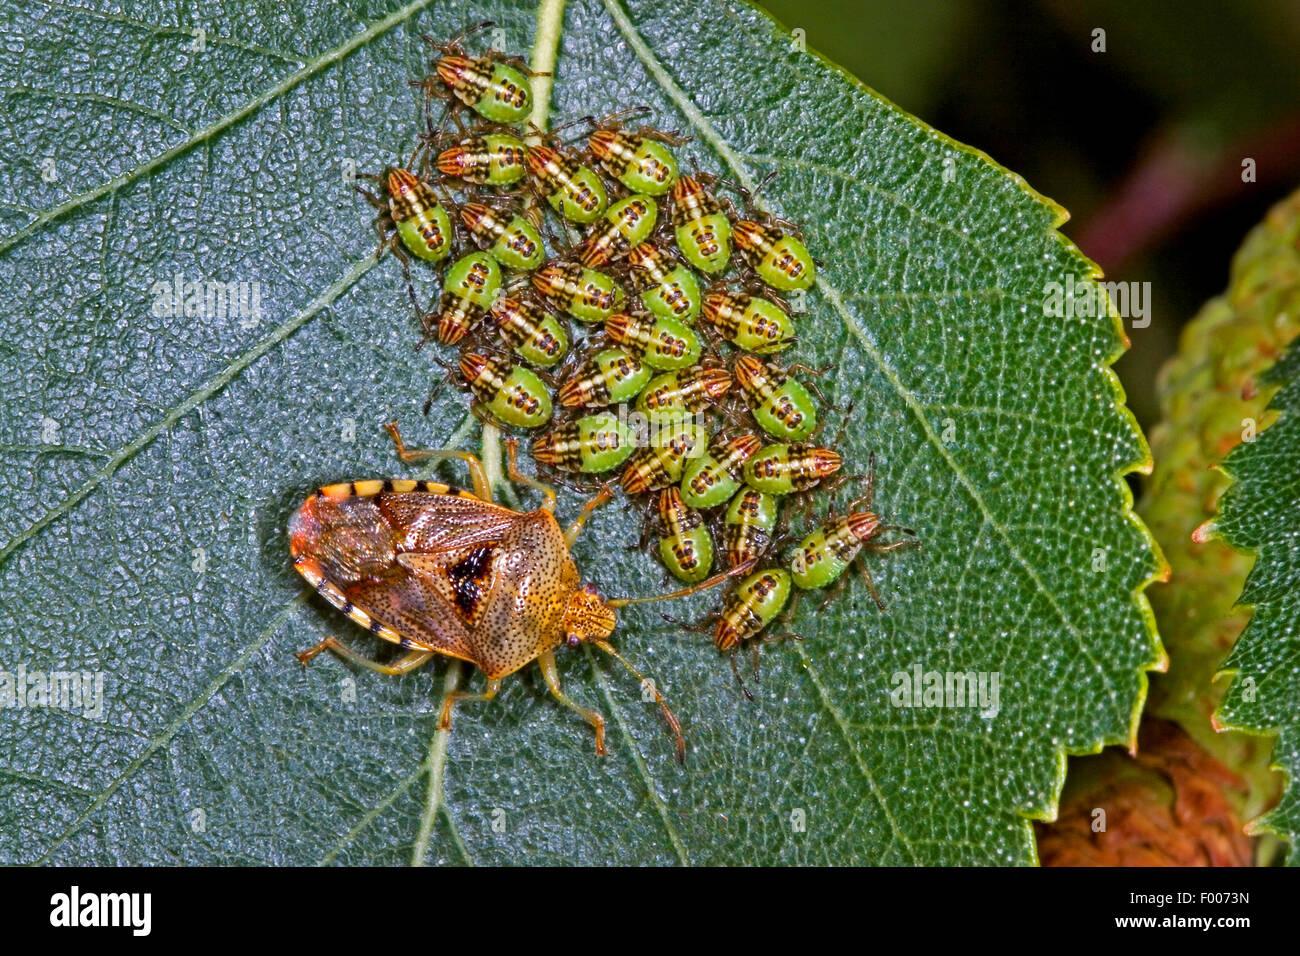 Bug de padres, mimando bug (Elasmucha grisea), custodiando sus larvas, Alemania Imagen De Stock